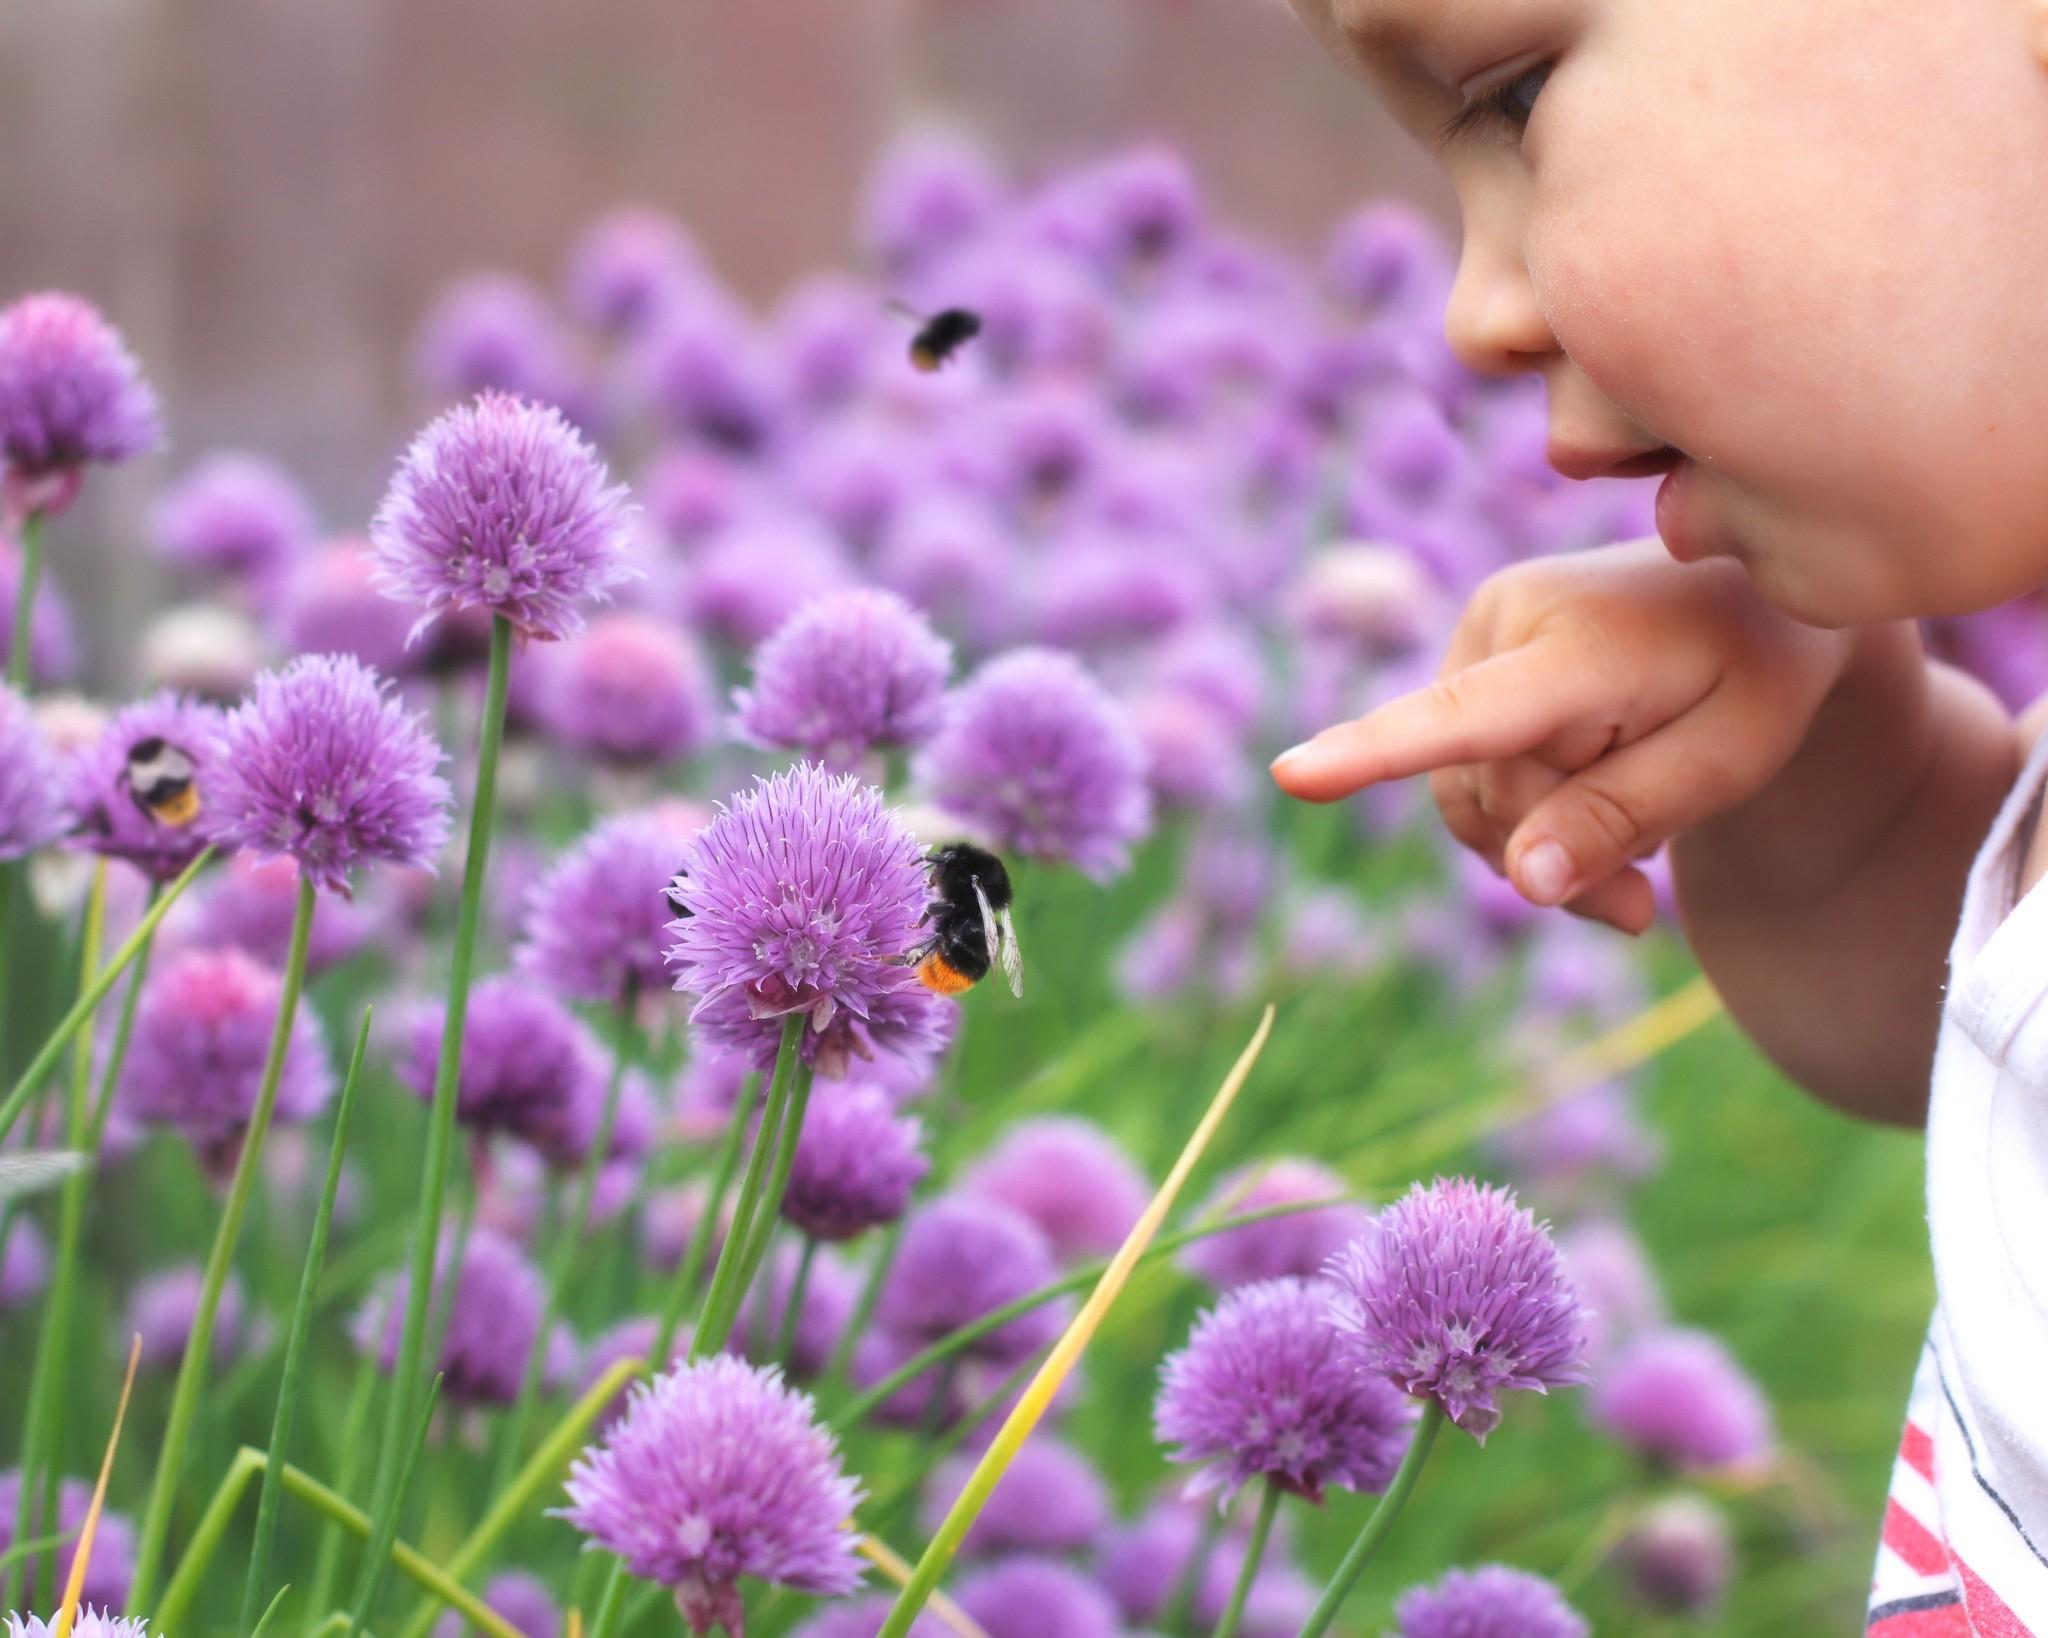 Artensterben: 10 einfache Tipps, was ihr mit euren Kindern dagegen tun könnt